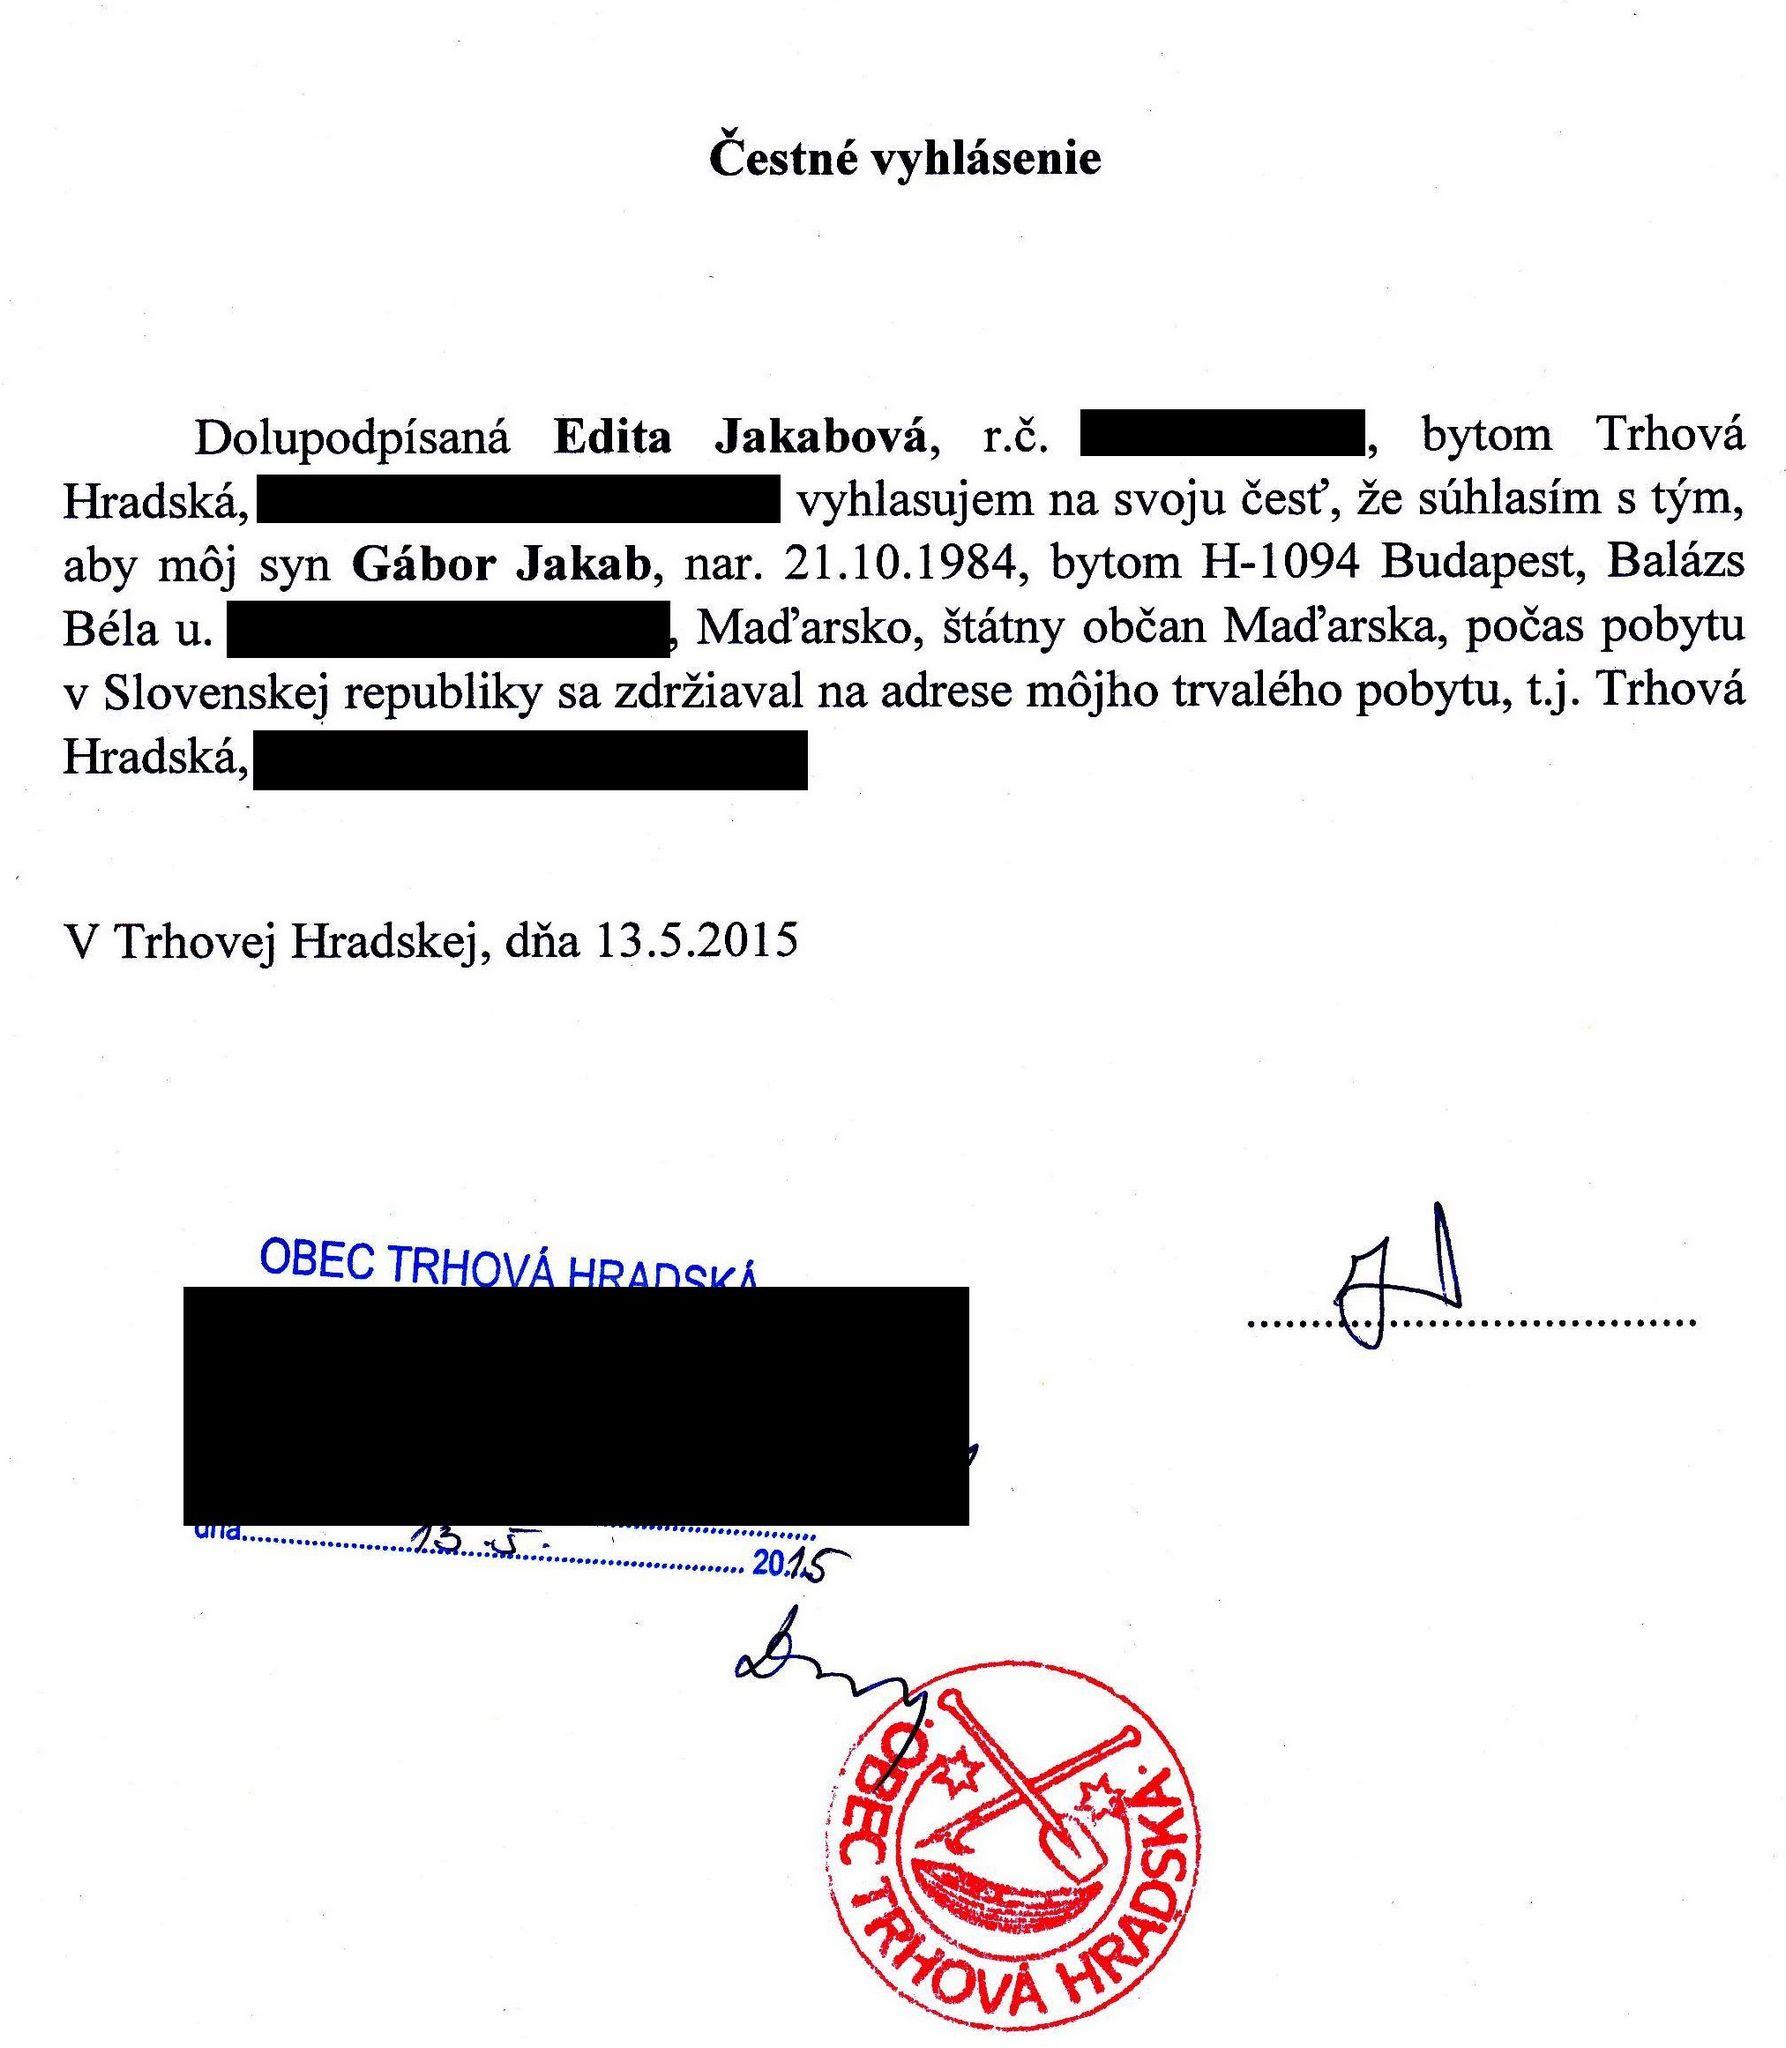 Vendég a szülői háznál. Az édesanya nyilatkozata arról, hogy szállást biztosít fiának a Szlovák Köztársaság területén való tartózkodása idejére...